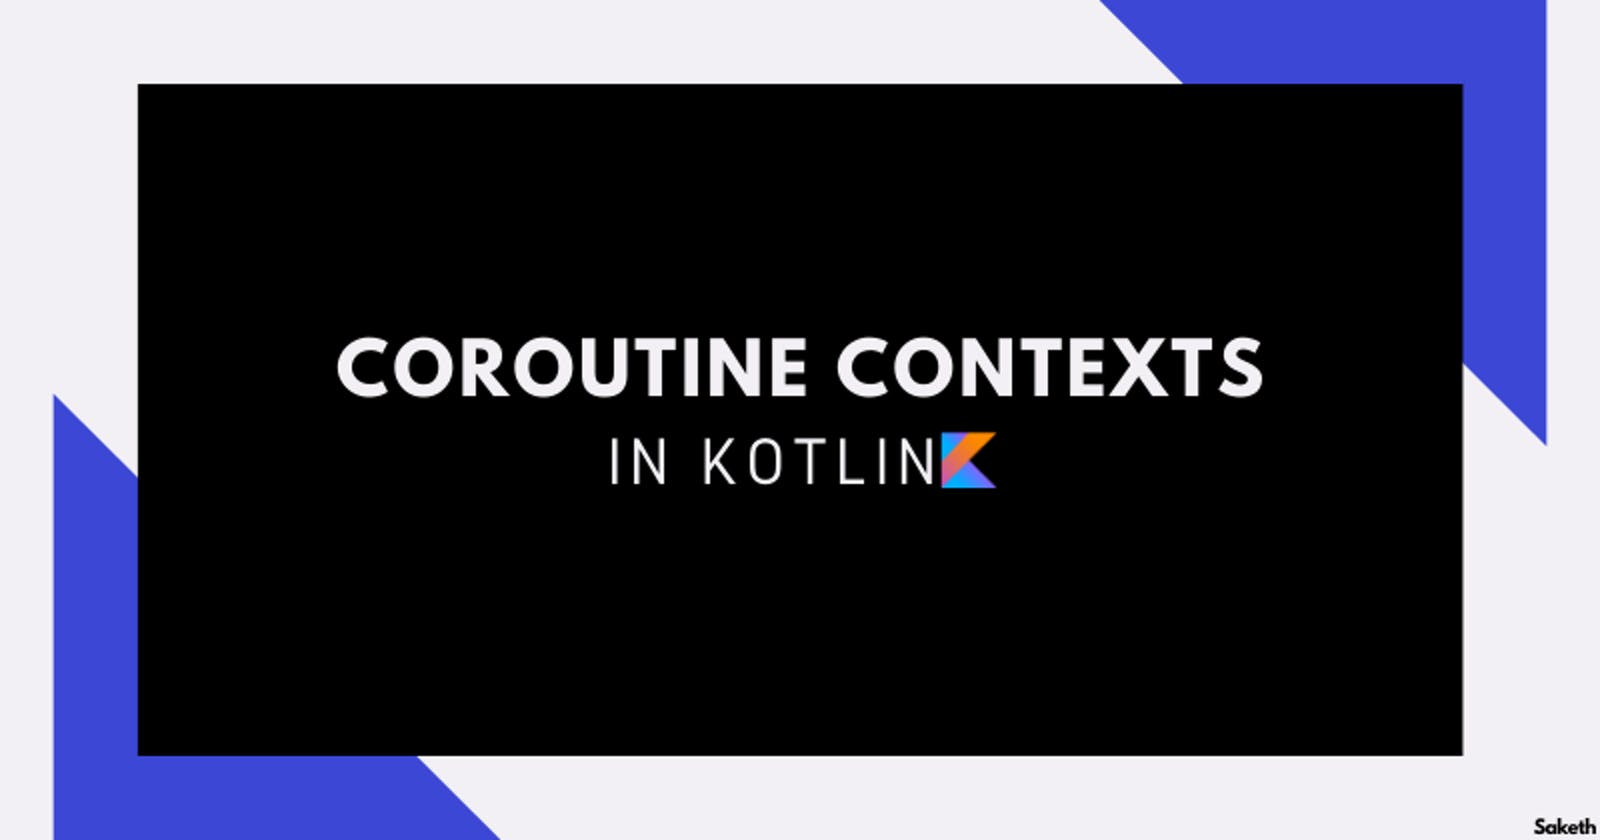 Coroutine Contexts In Kotlin